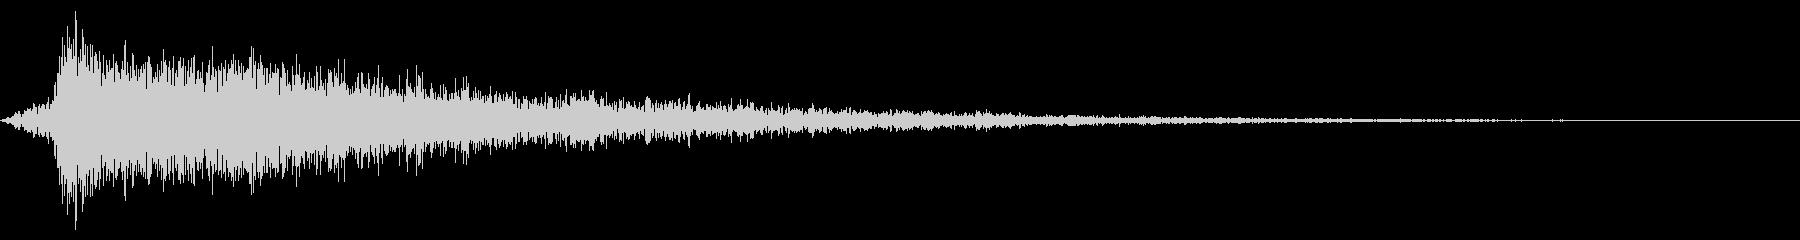 カキーン (スロット確定音、ヒット)の未再生の波形